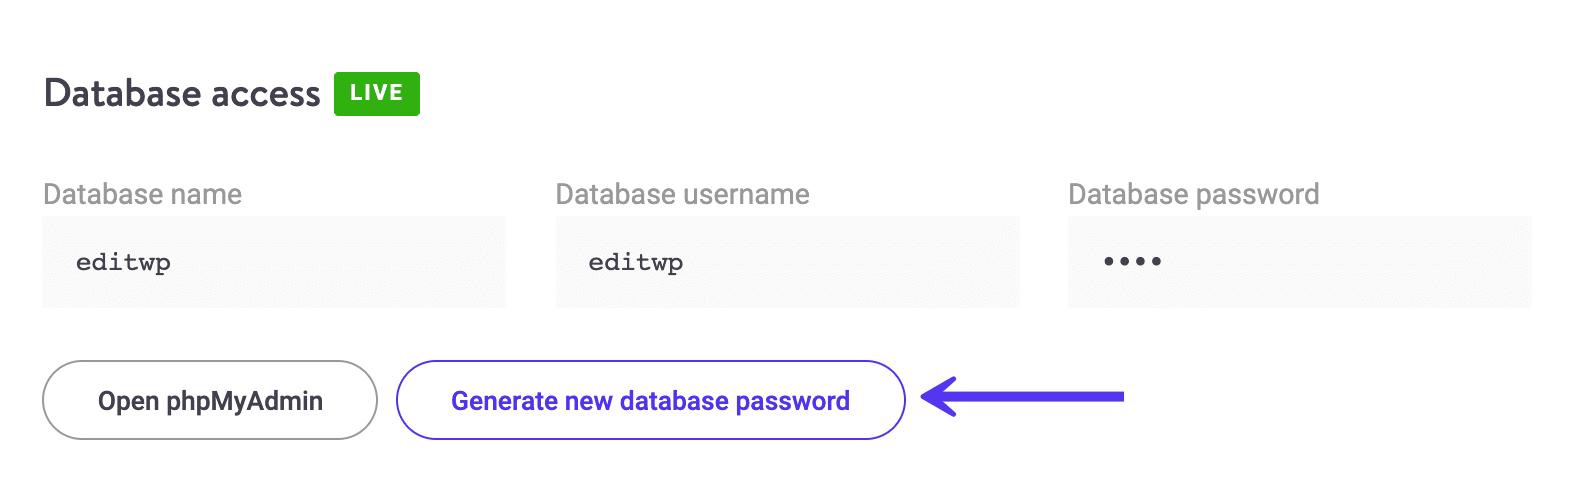 Gerar uma nova senha do banco de dados